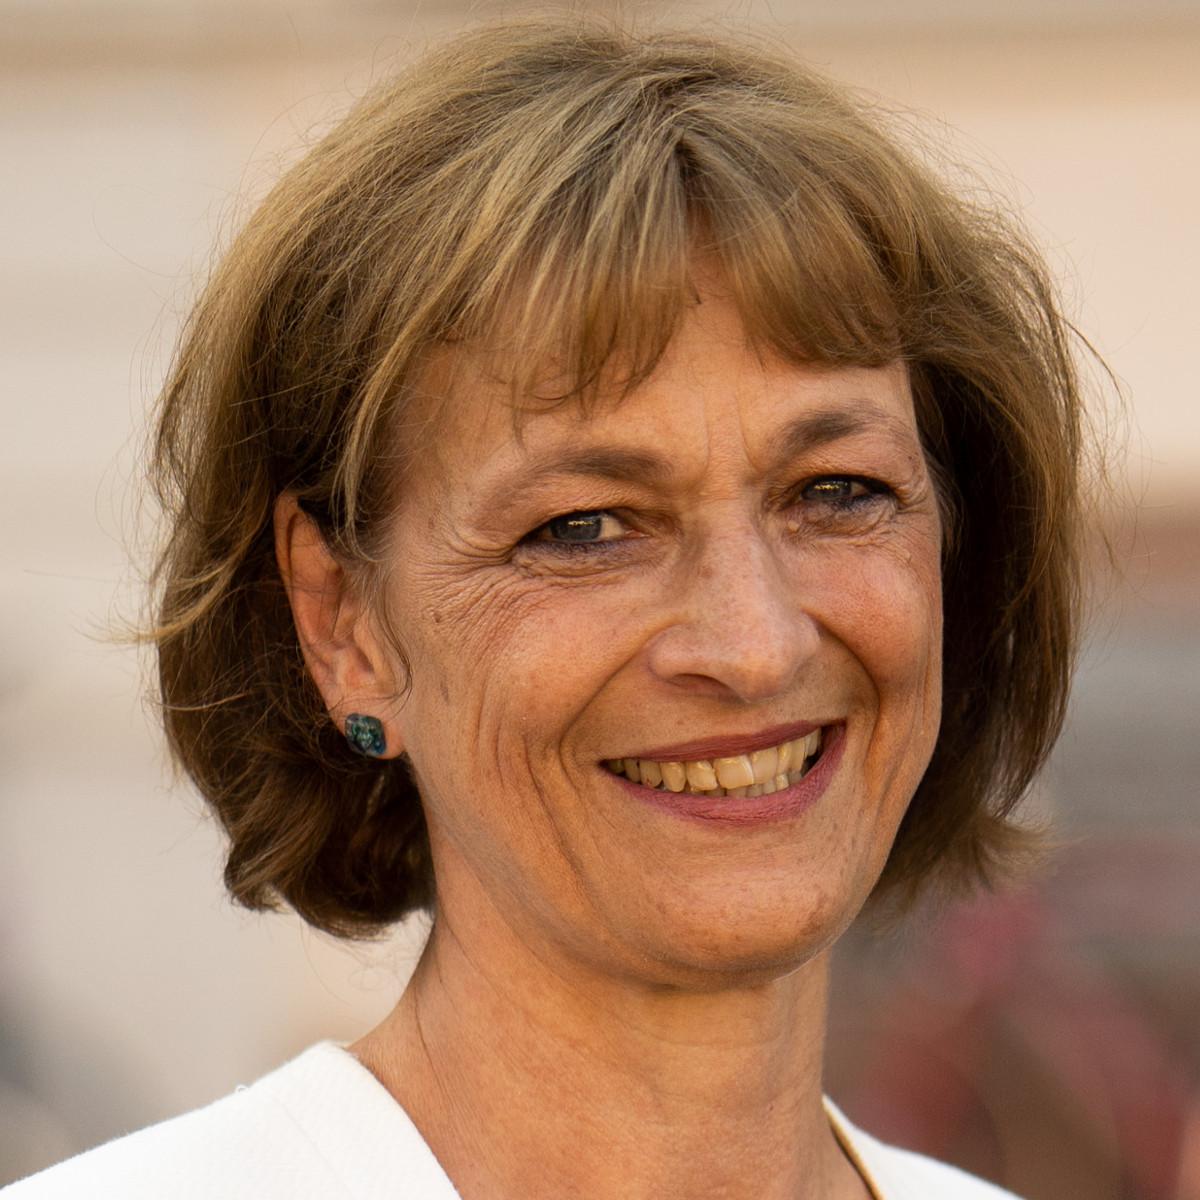 Ursula Röper